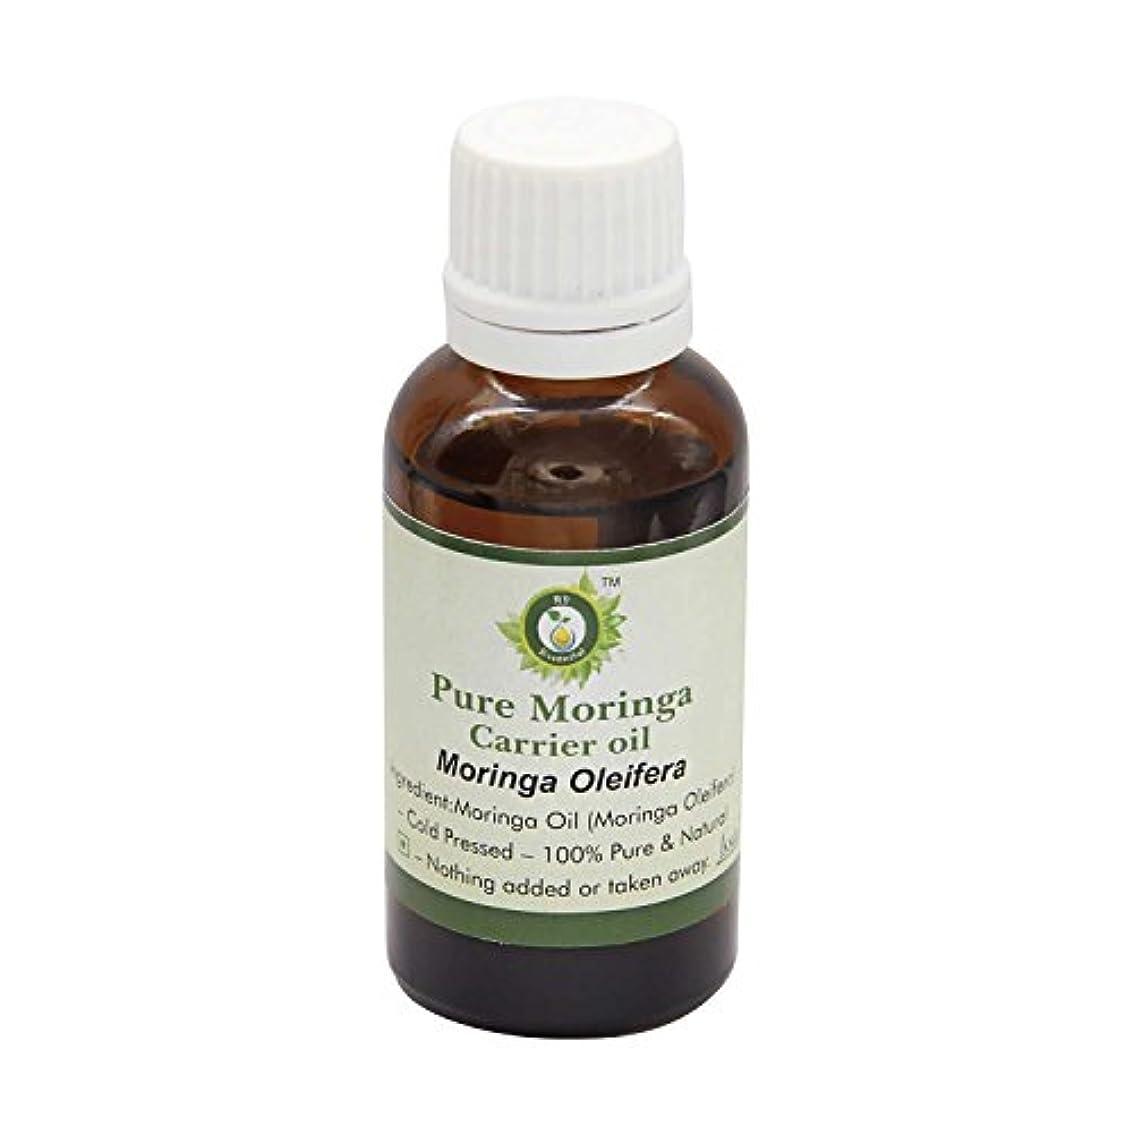 夢中満足させる魔術R V Essential 純粋なモリンガキャリアオイル5ml (0.169oz)- Moringa Oleifera (100%ピュア&ナチュラルコールドPressed) Pure Moringa Carrier Oil